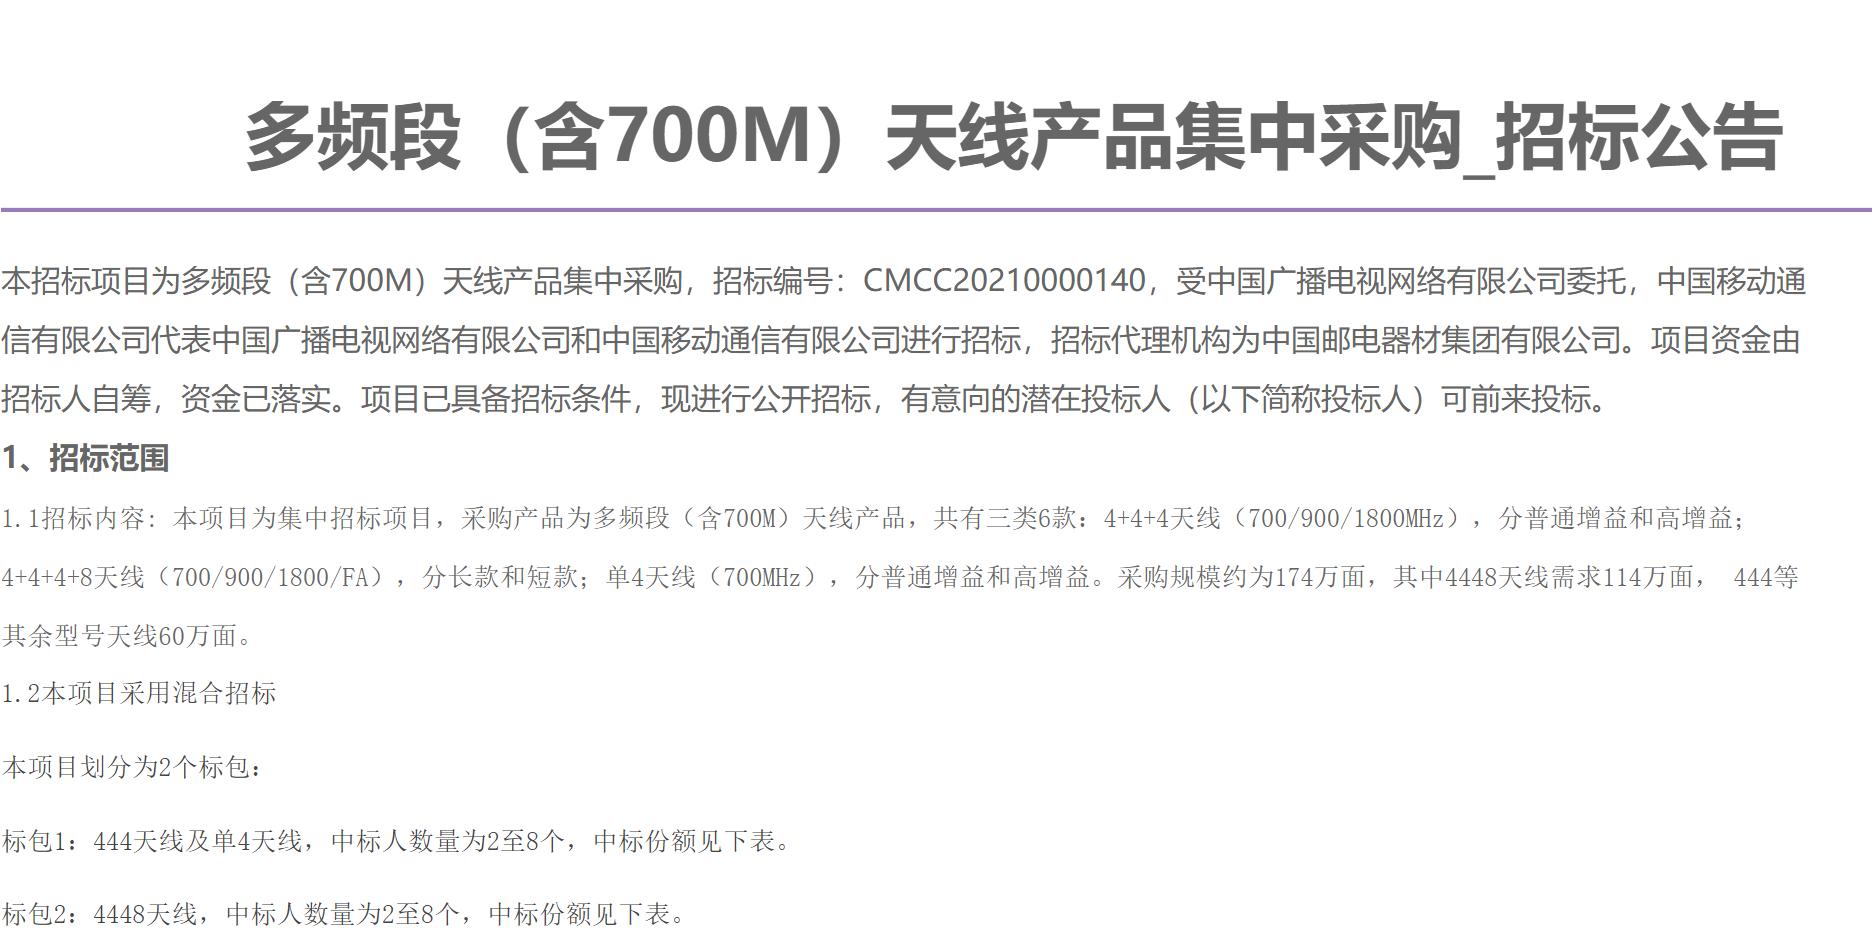 乐鱼电竞_48万站!中国广电和中国移动启动5G 700M基站集采